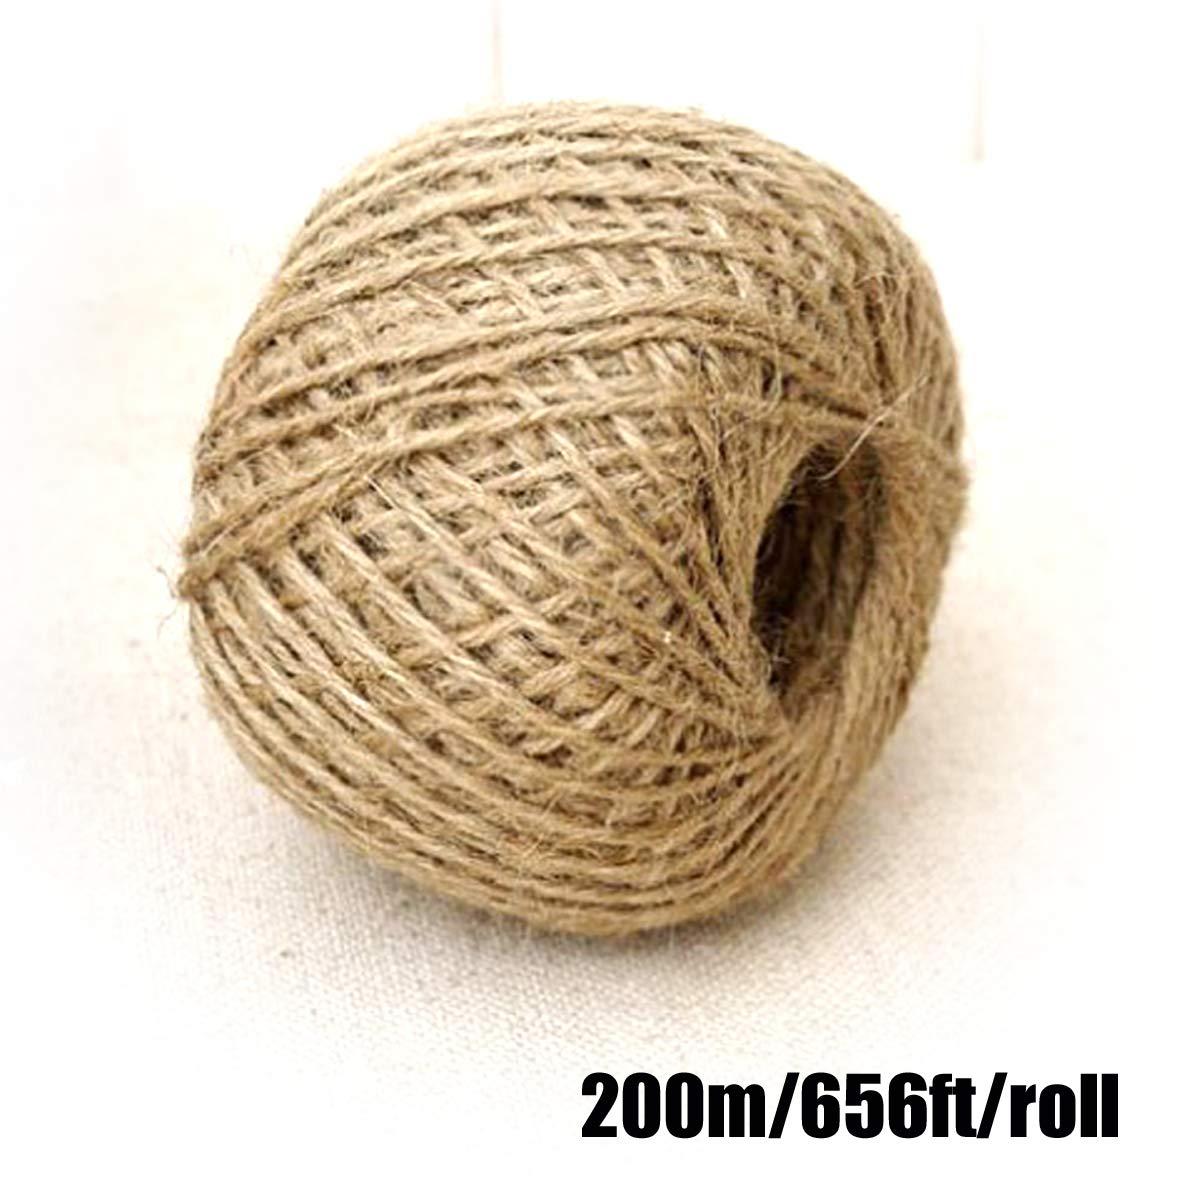 Cuerda de Yute Natural,Cuerda de c/á/ñamo Cordel de Cuerda para decoraci/ón y Bricolaje Artesanal Cordel Cuerda Yute Manualidades,Cadena Gruesa Fuerte Decoraci/ón 200m YuChiSX Cuerda de Yute